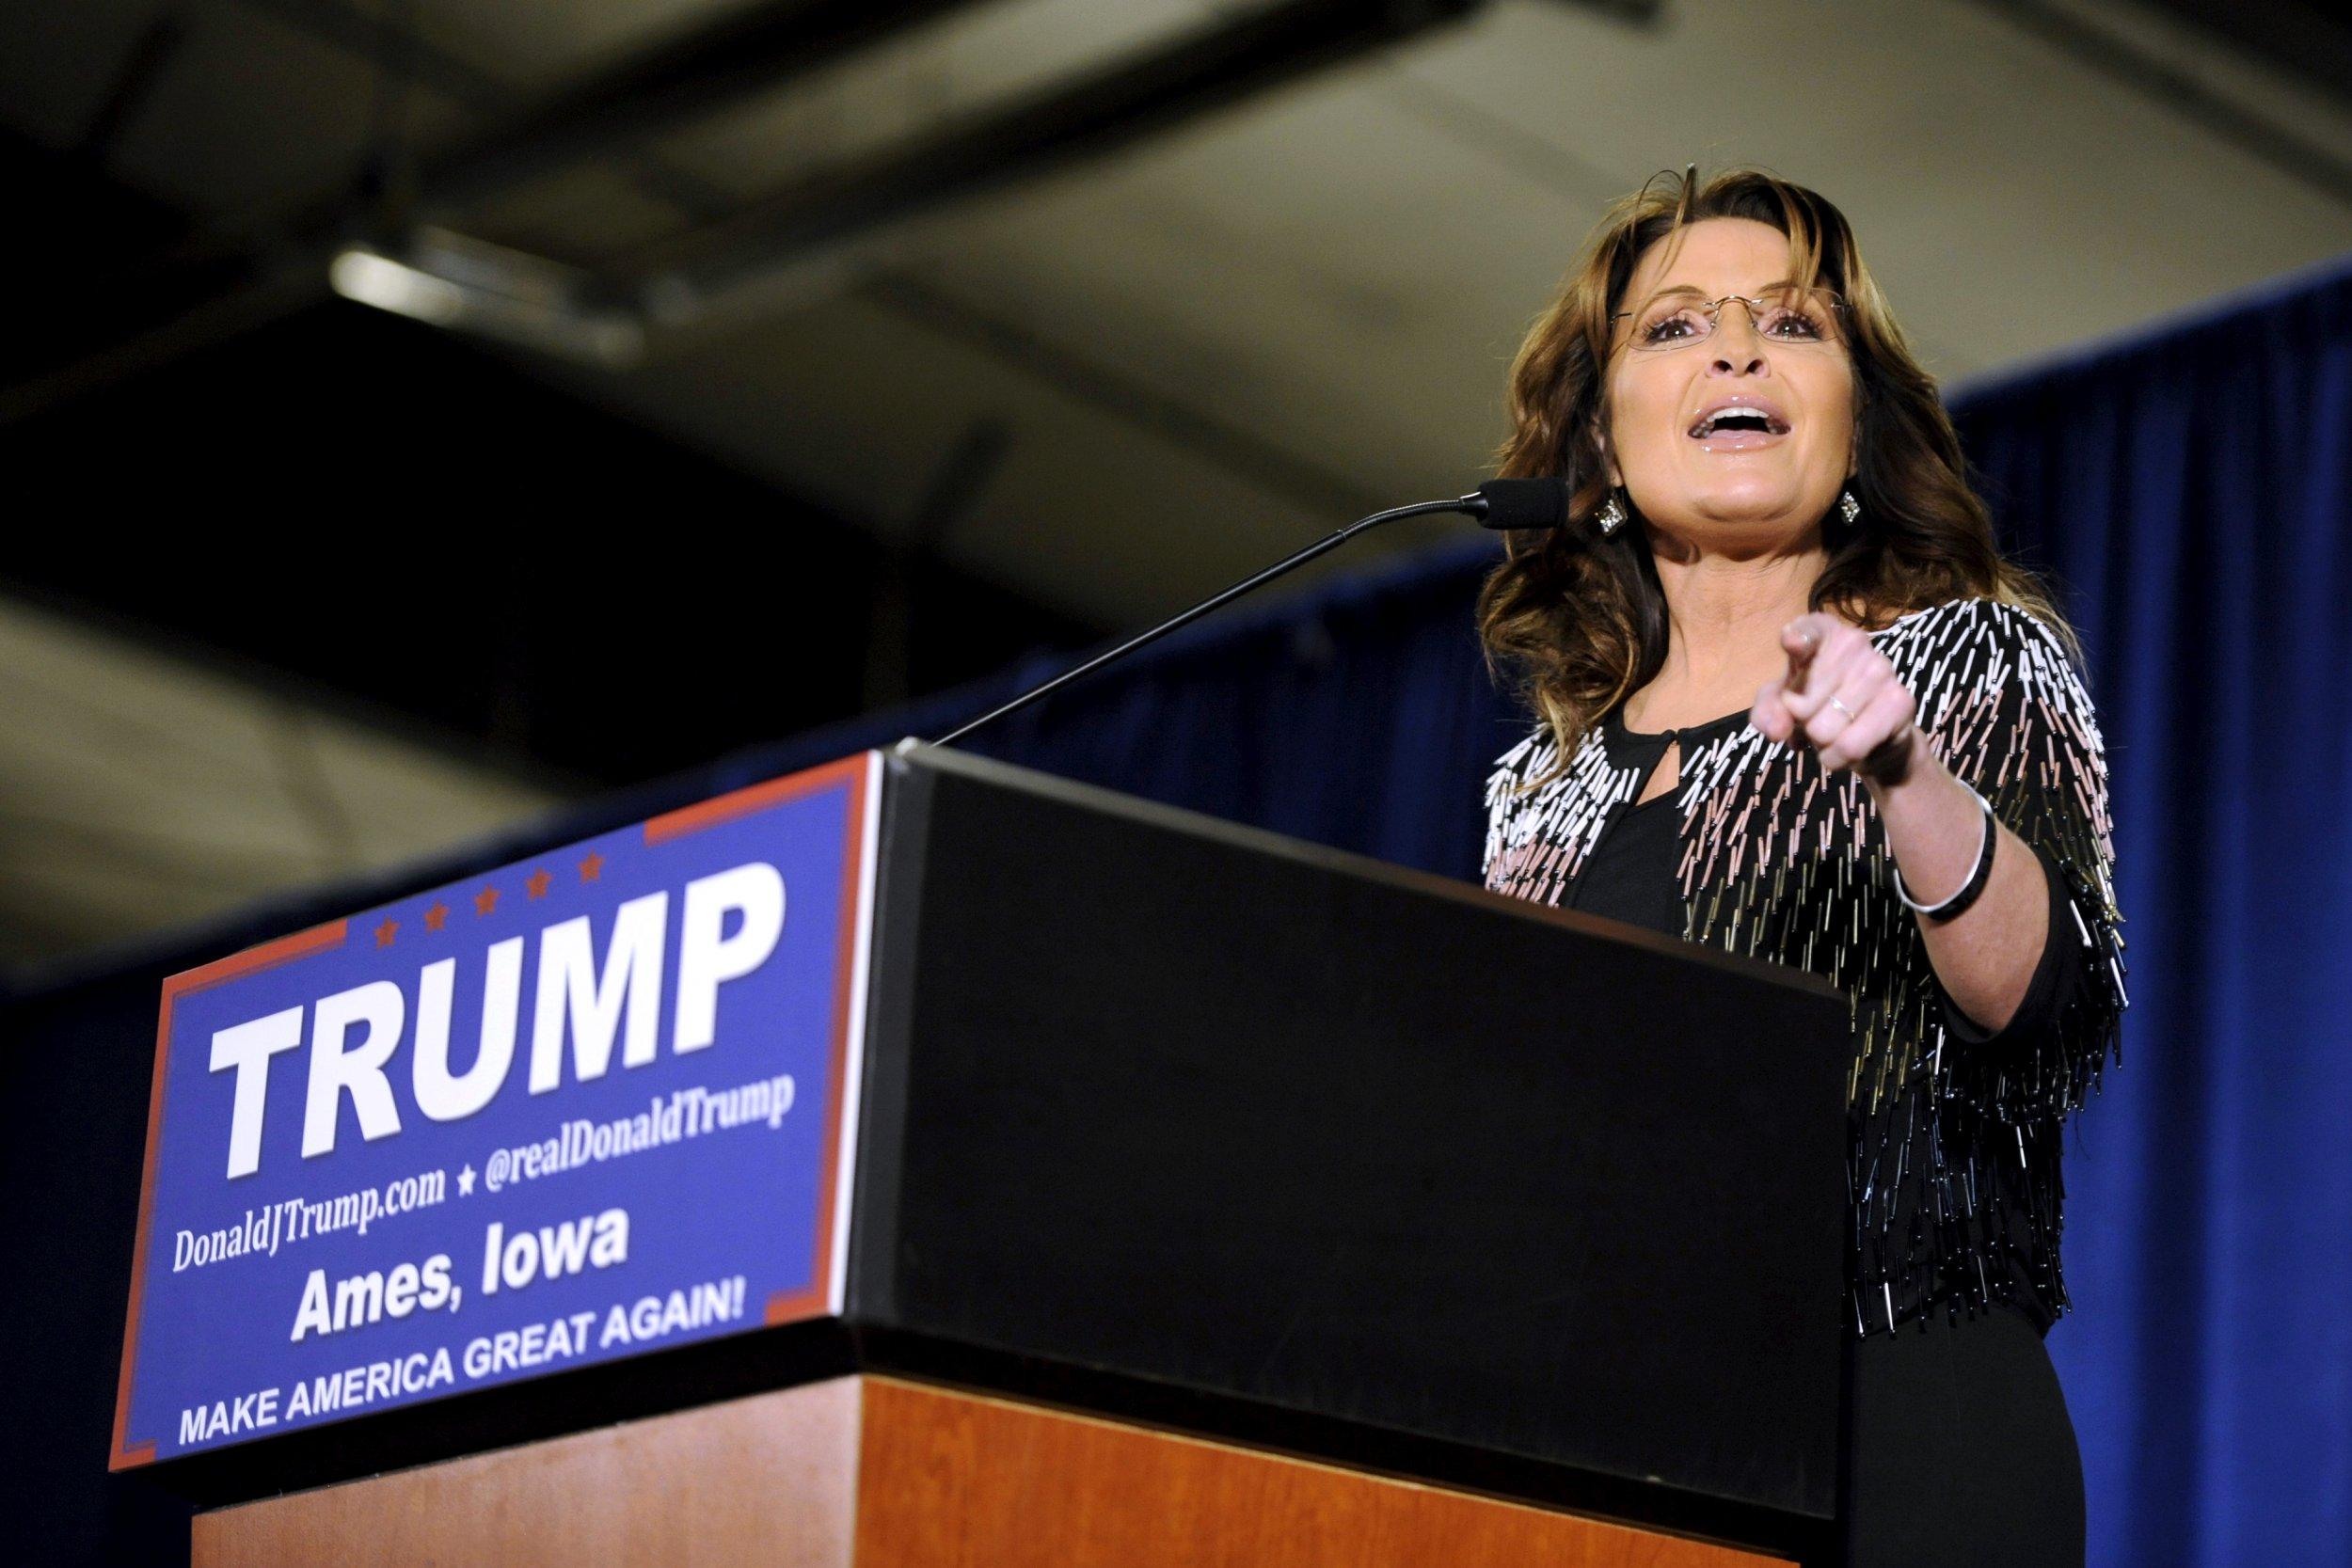 3-22-16 Sarah Palin